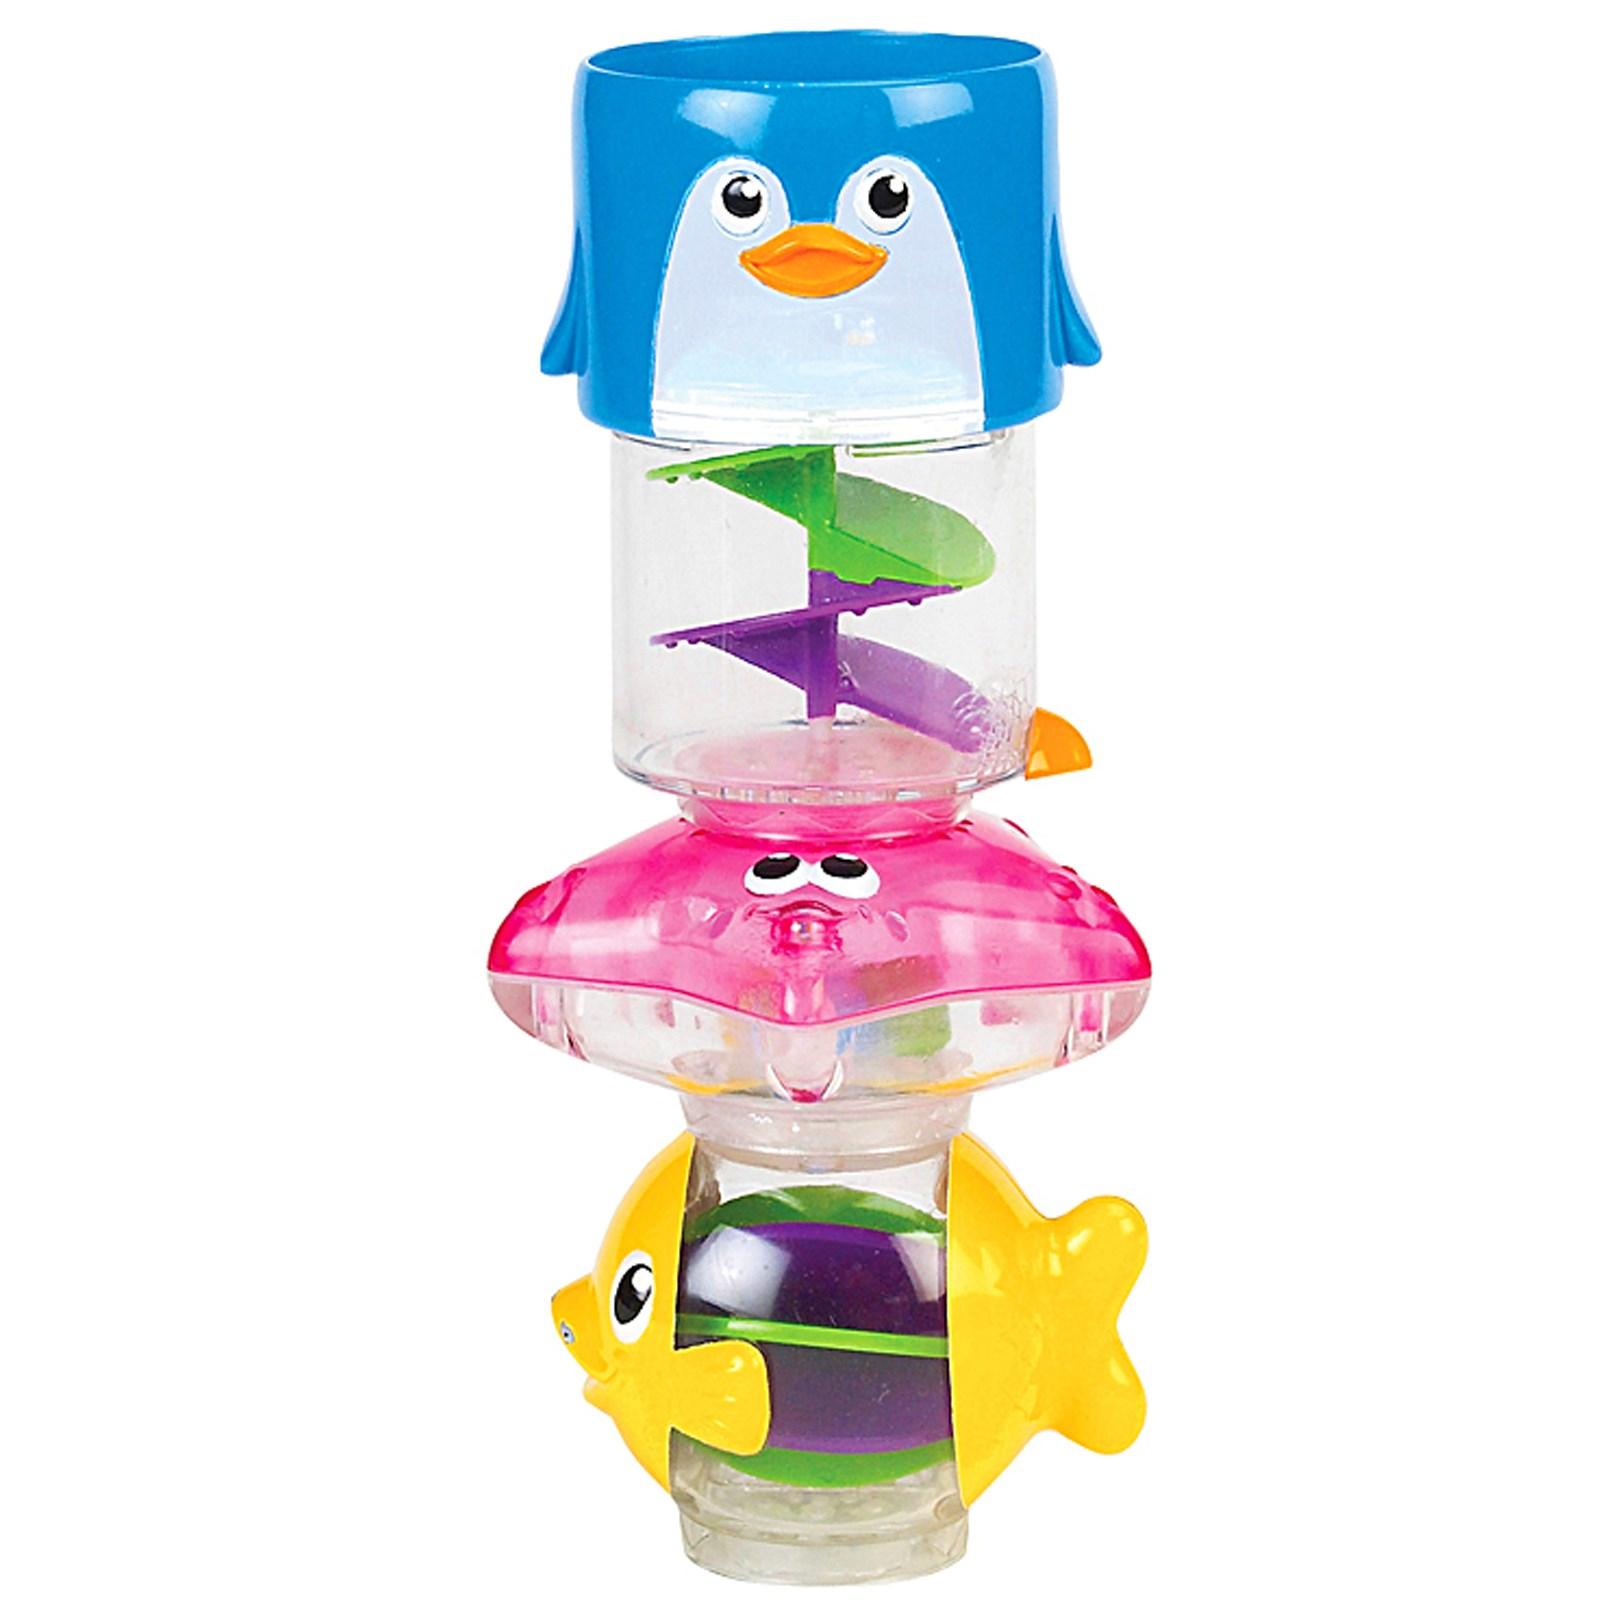 Munchkin Wonder Waterway Baby/Toddler/Kids Bathing Bath Time Toy/Gift +6 Months